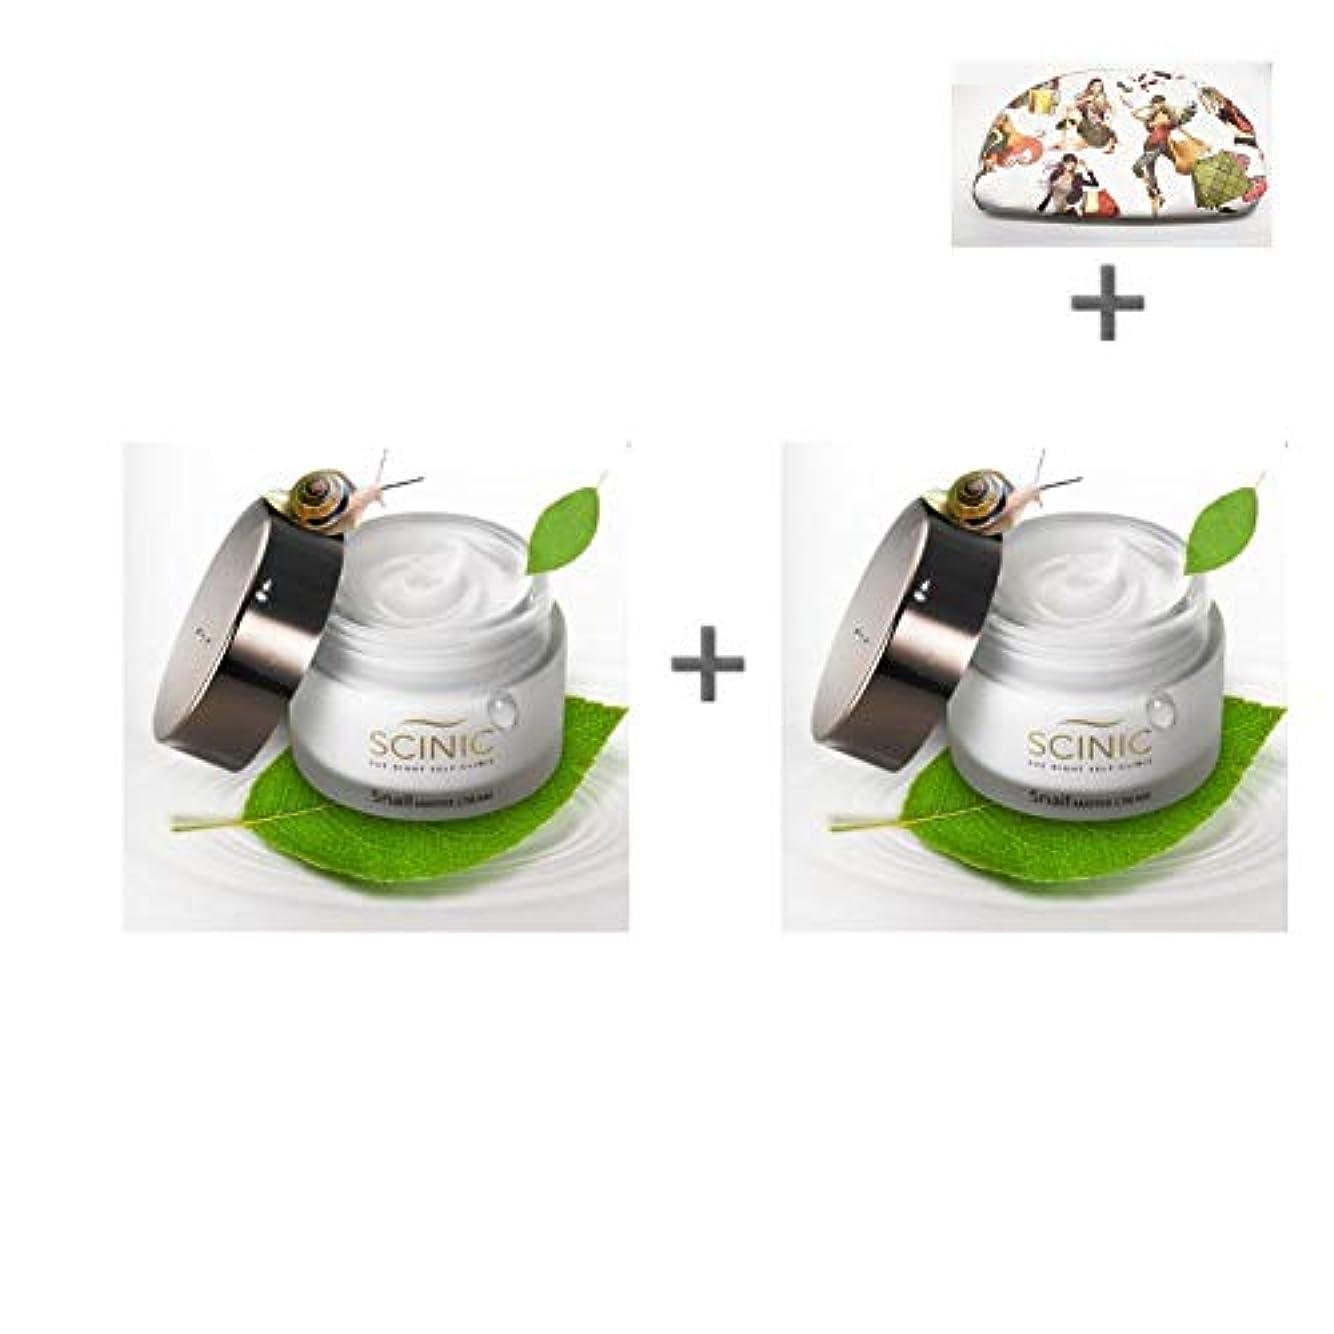 謝罪する不十分信頼性[サイニク] Scinic サイニク カタツムリクリーム ぷりぷり モチーフ肌 保湿 栄養 クリーム 50ml 1+1 / Scinic Snail Cream [海外直送品][並行輸入品]